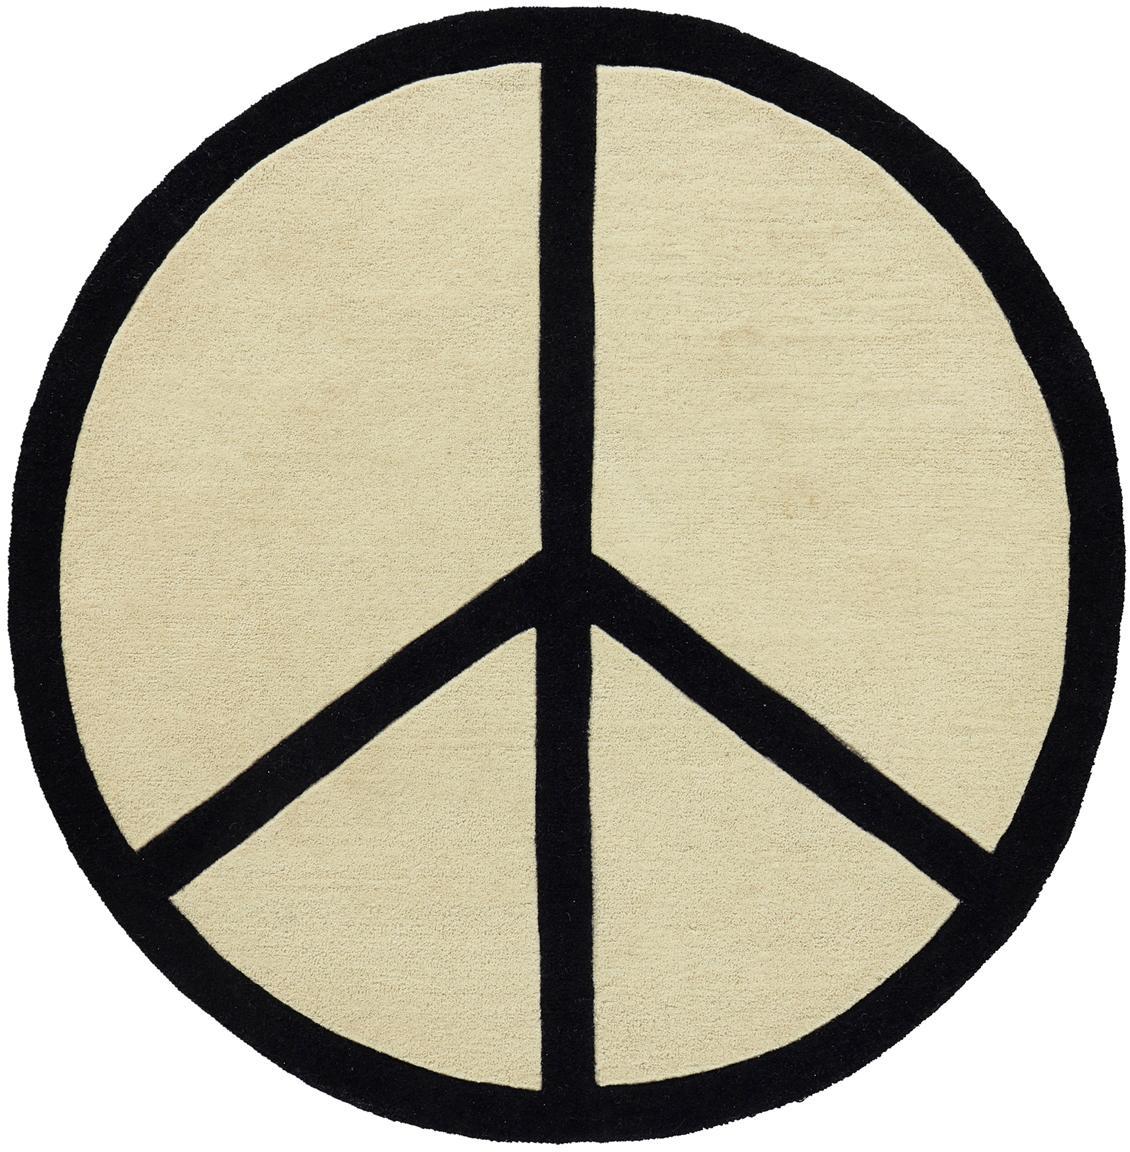 Okrągły ręcznie tuftowany dywan Peace Out, Wełna, Kremowobiały, czarny, Ø 120 cm